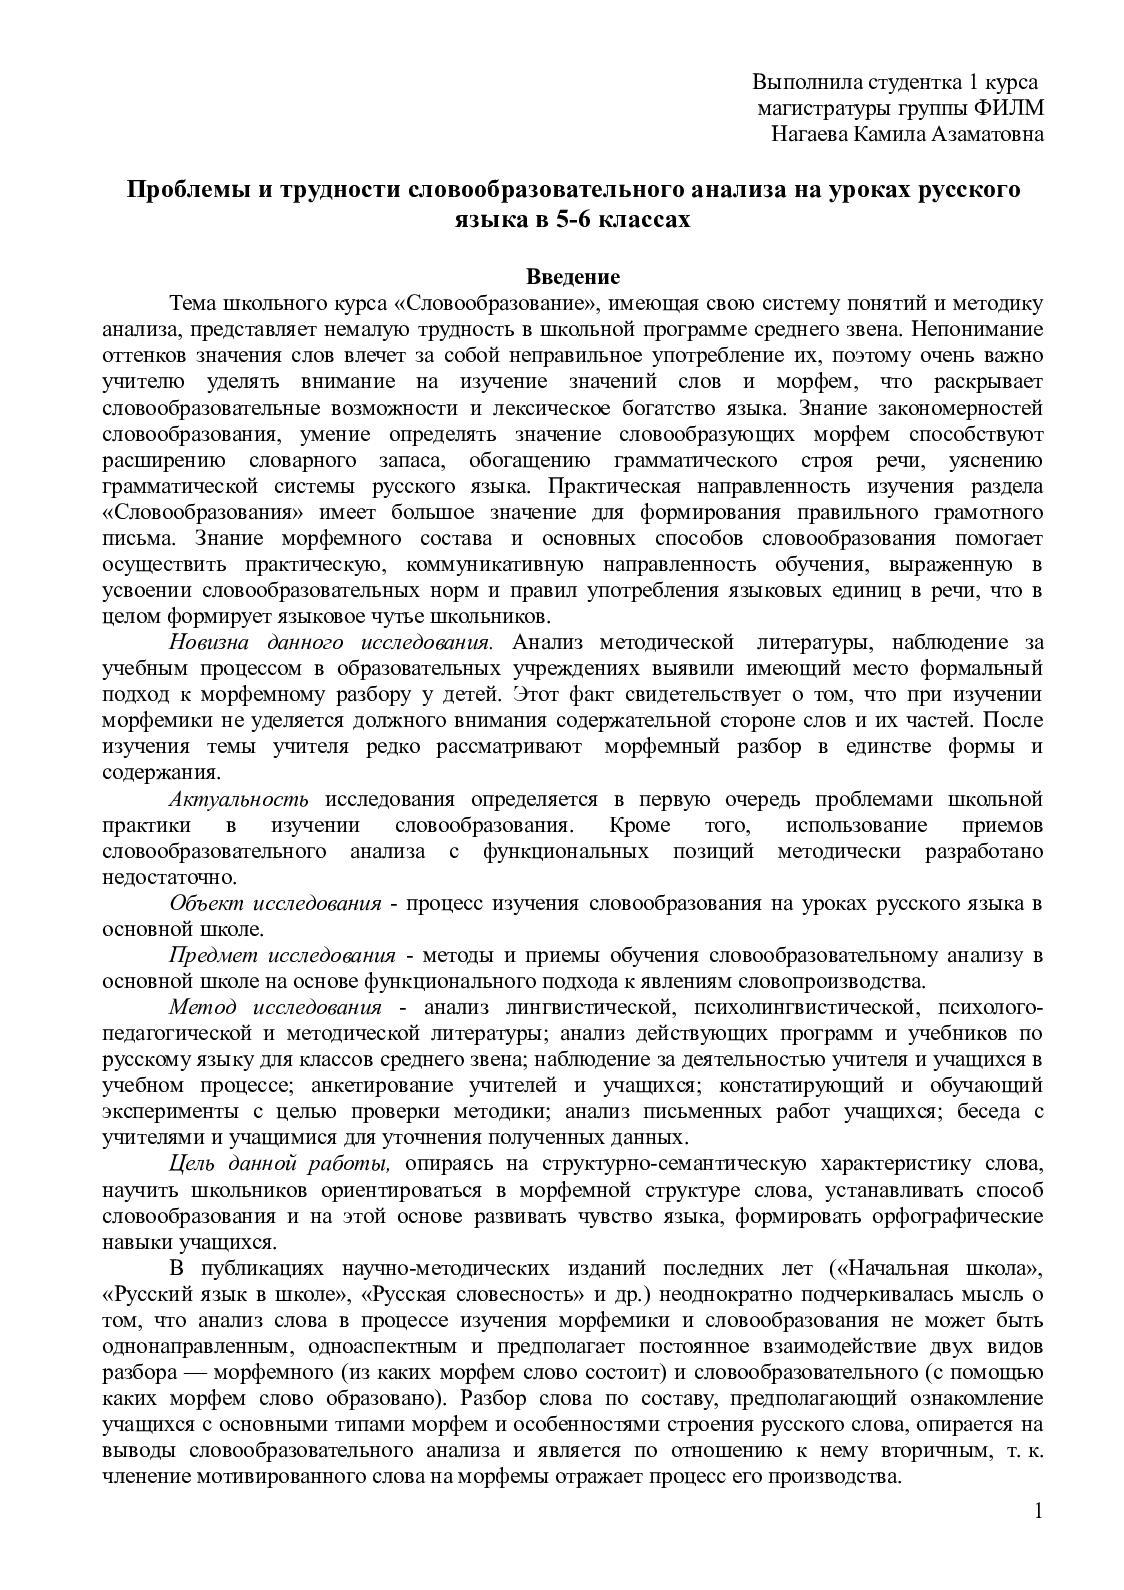 Словообразовательные модели и способы словообразования практическая работа работа красивой девушке москва